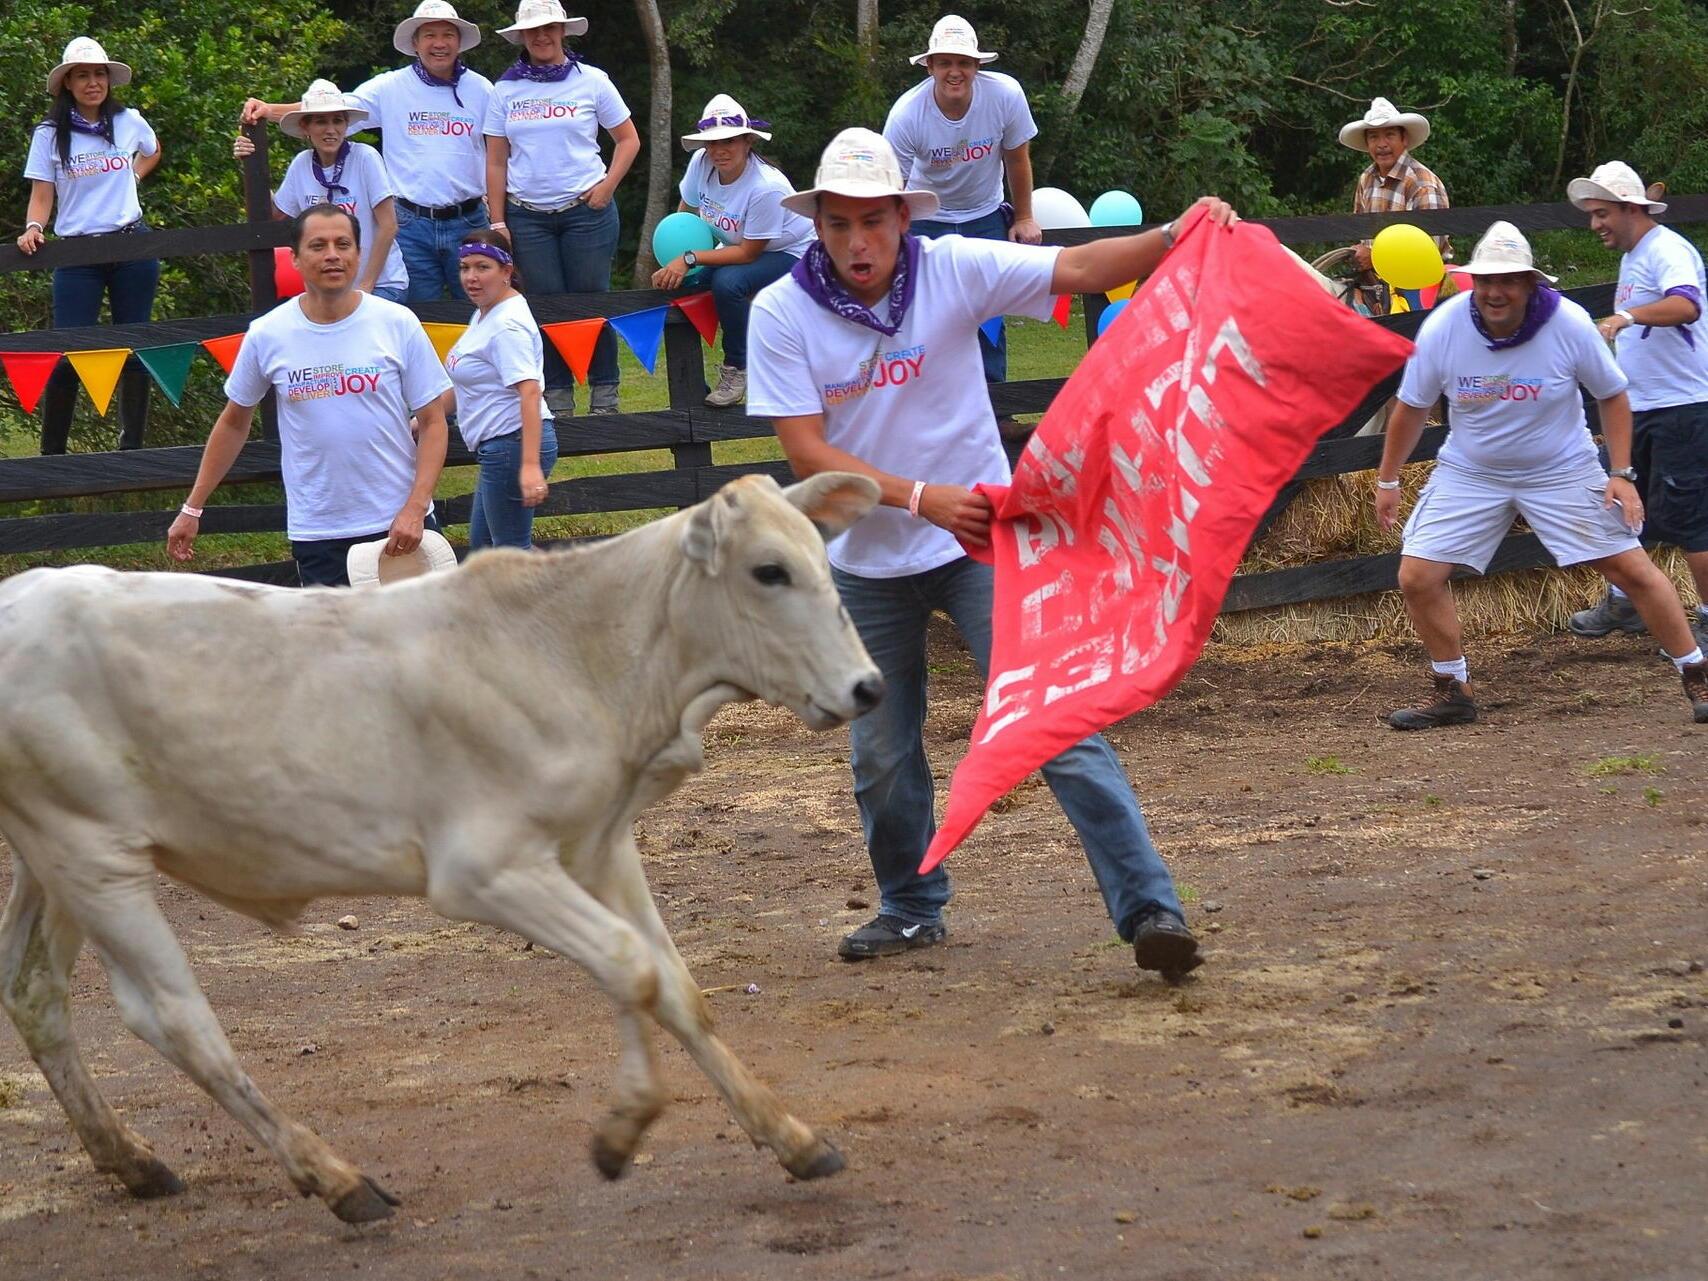 Bullfighting Activity at Buena Vista Del Rincon